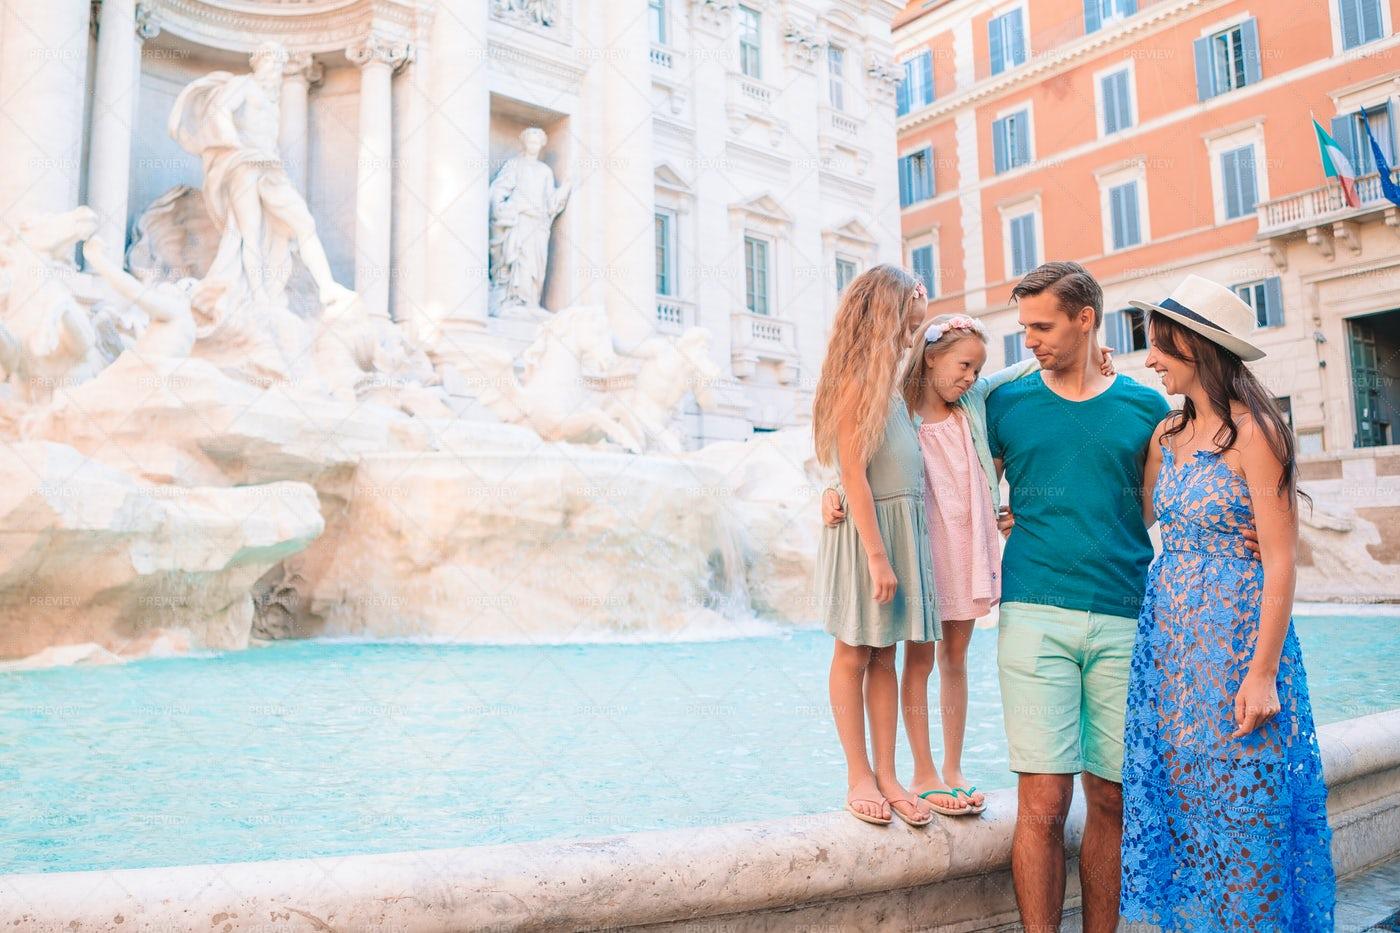 Family At Fontana Di Trevi: Stock Photos